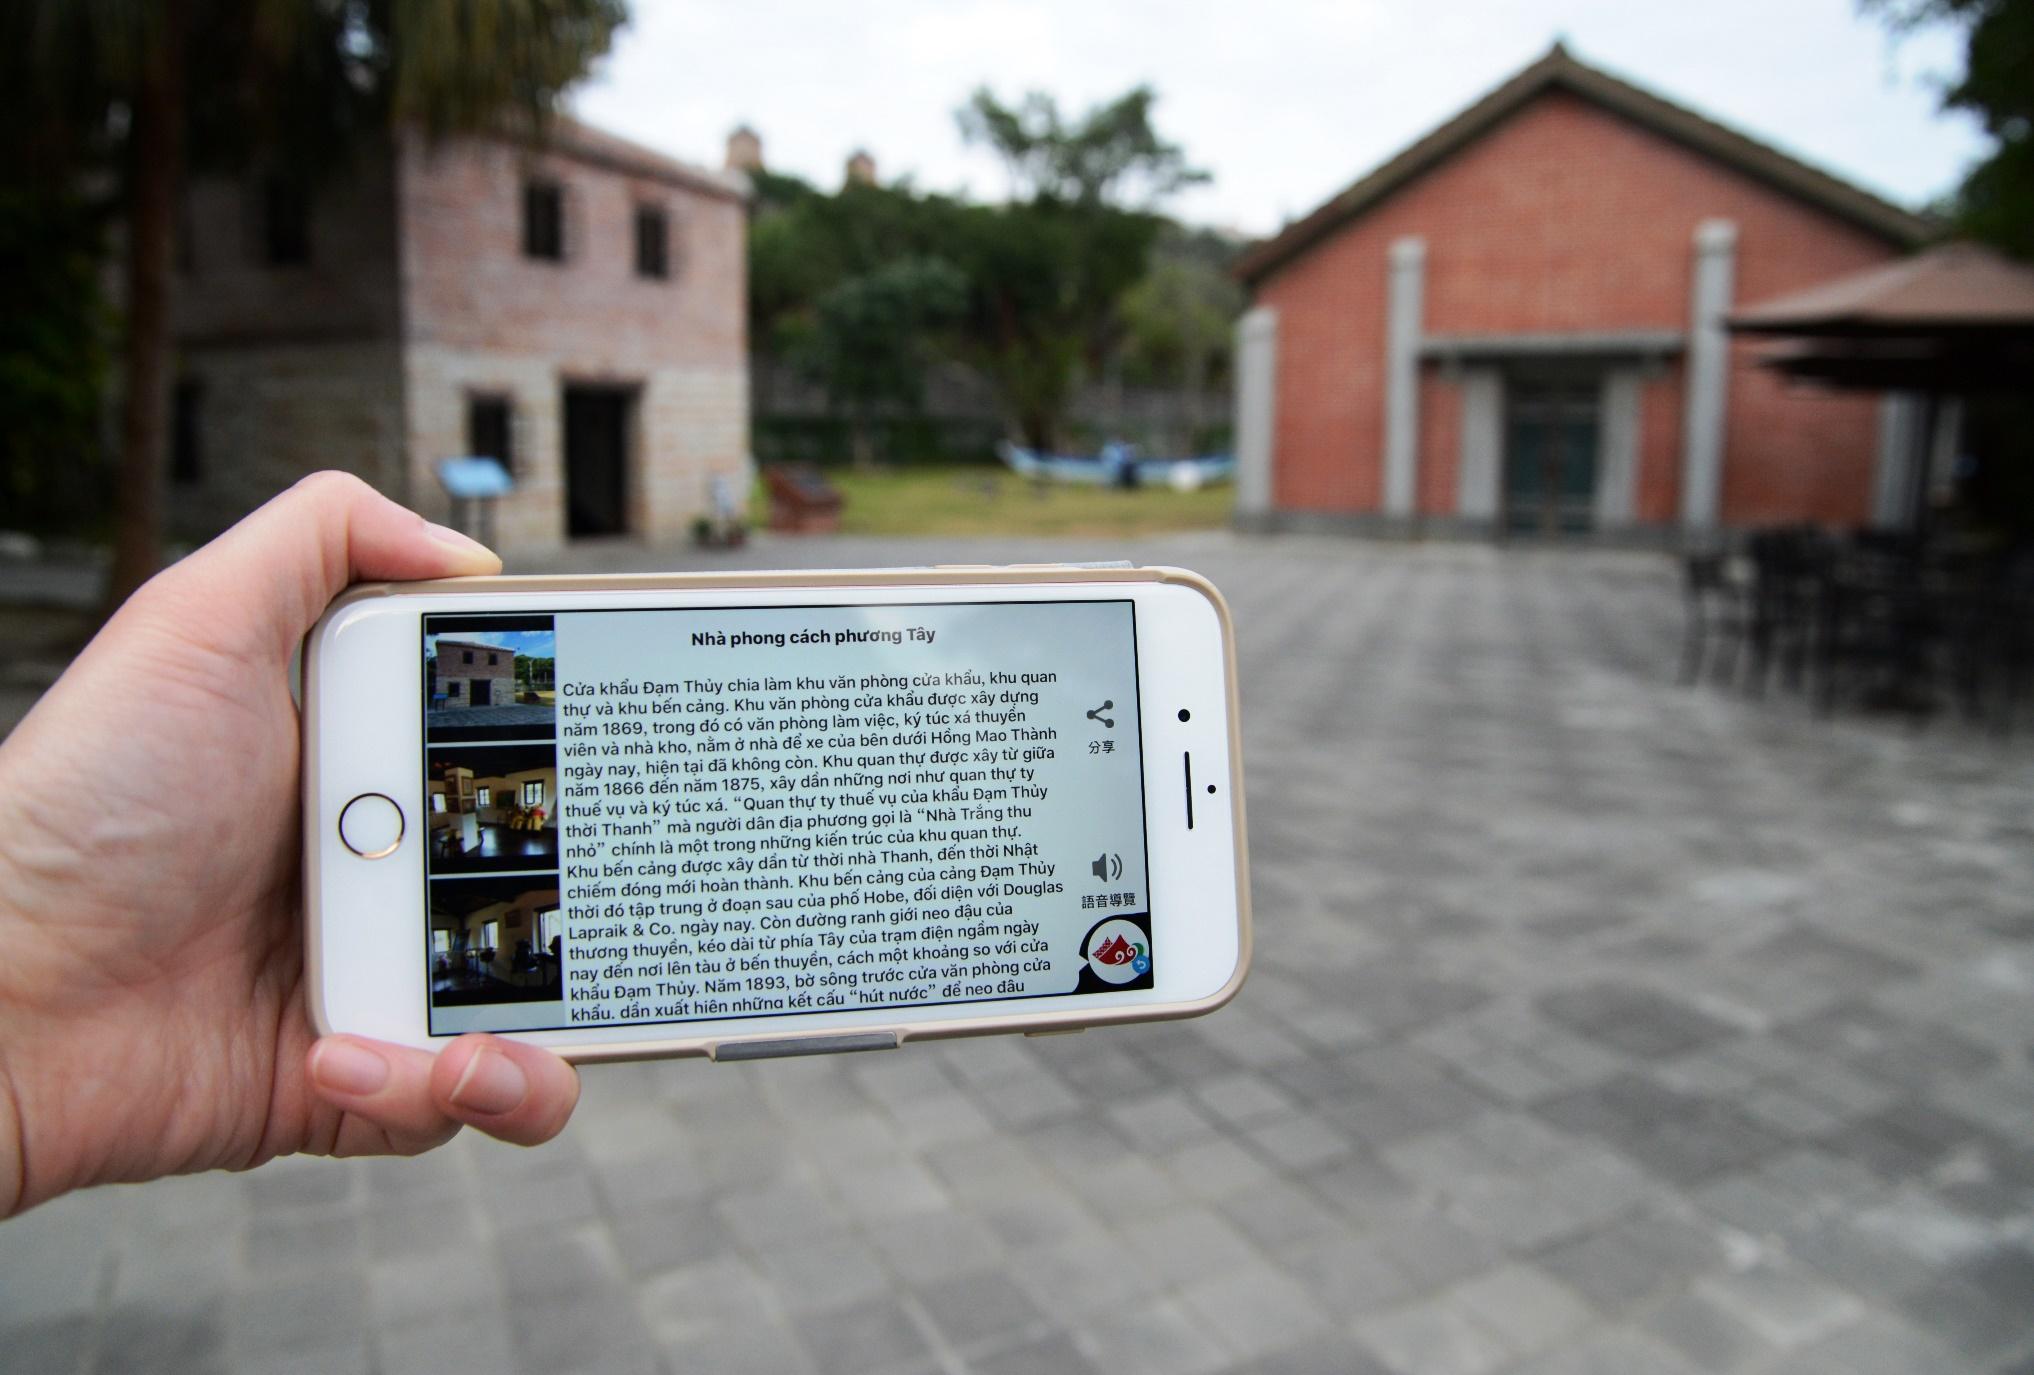 淡水古蹟博物館今年開創越南語Beacon行動導覽,讓外國遊客可以有更優質的旅遊經驗。